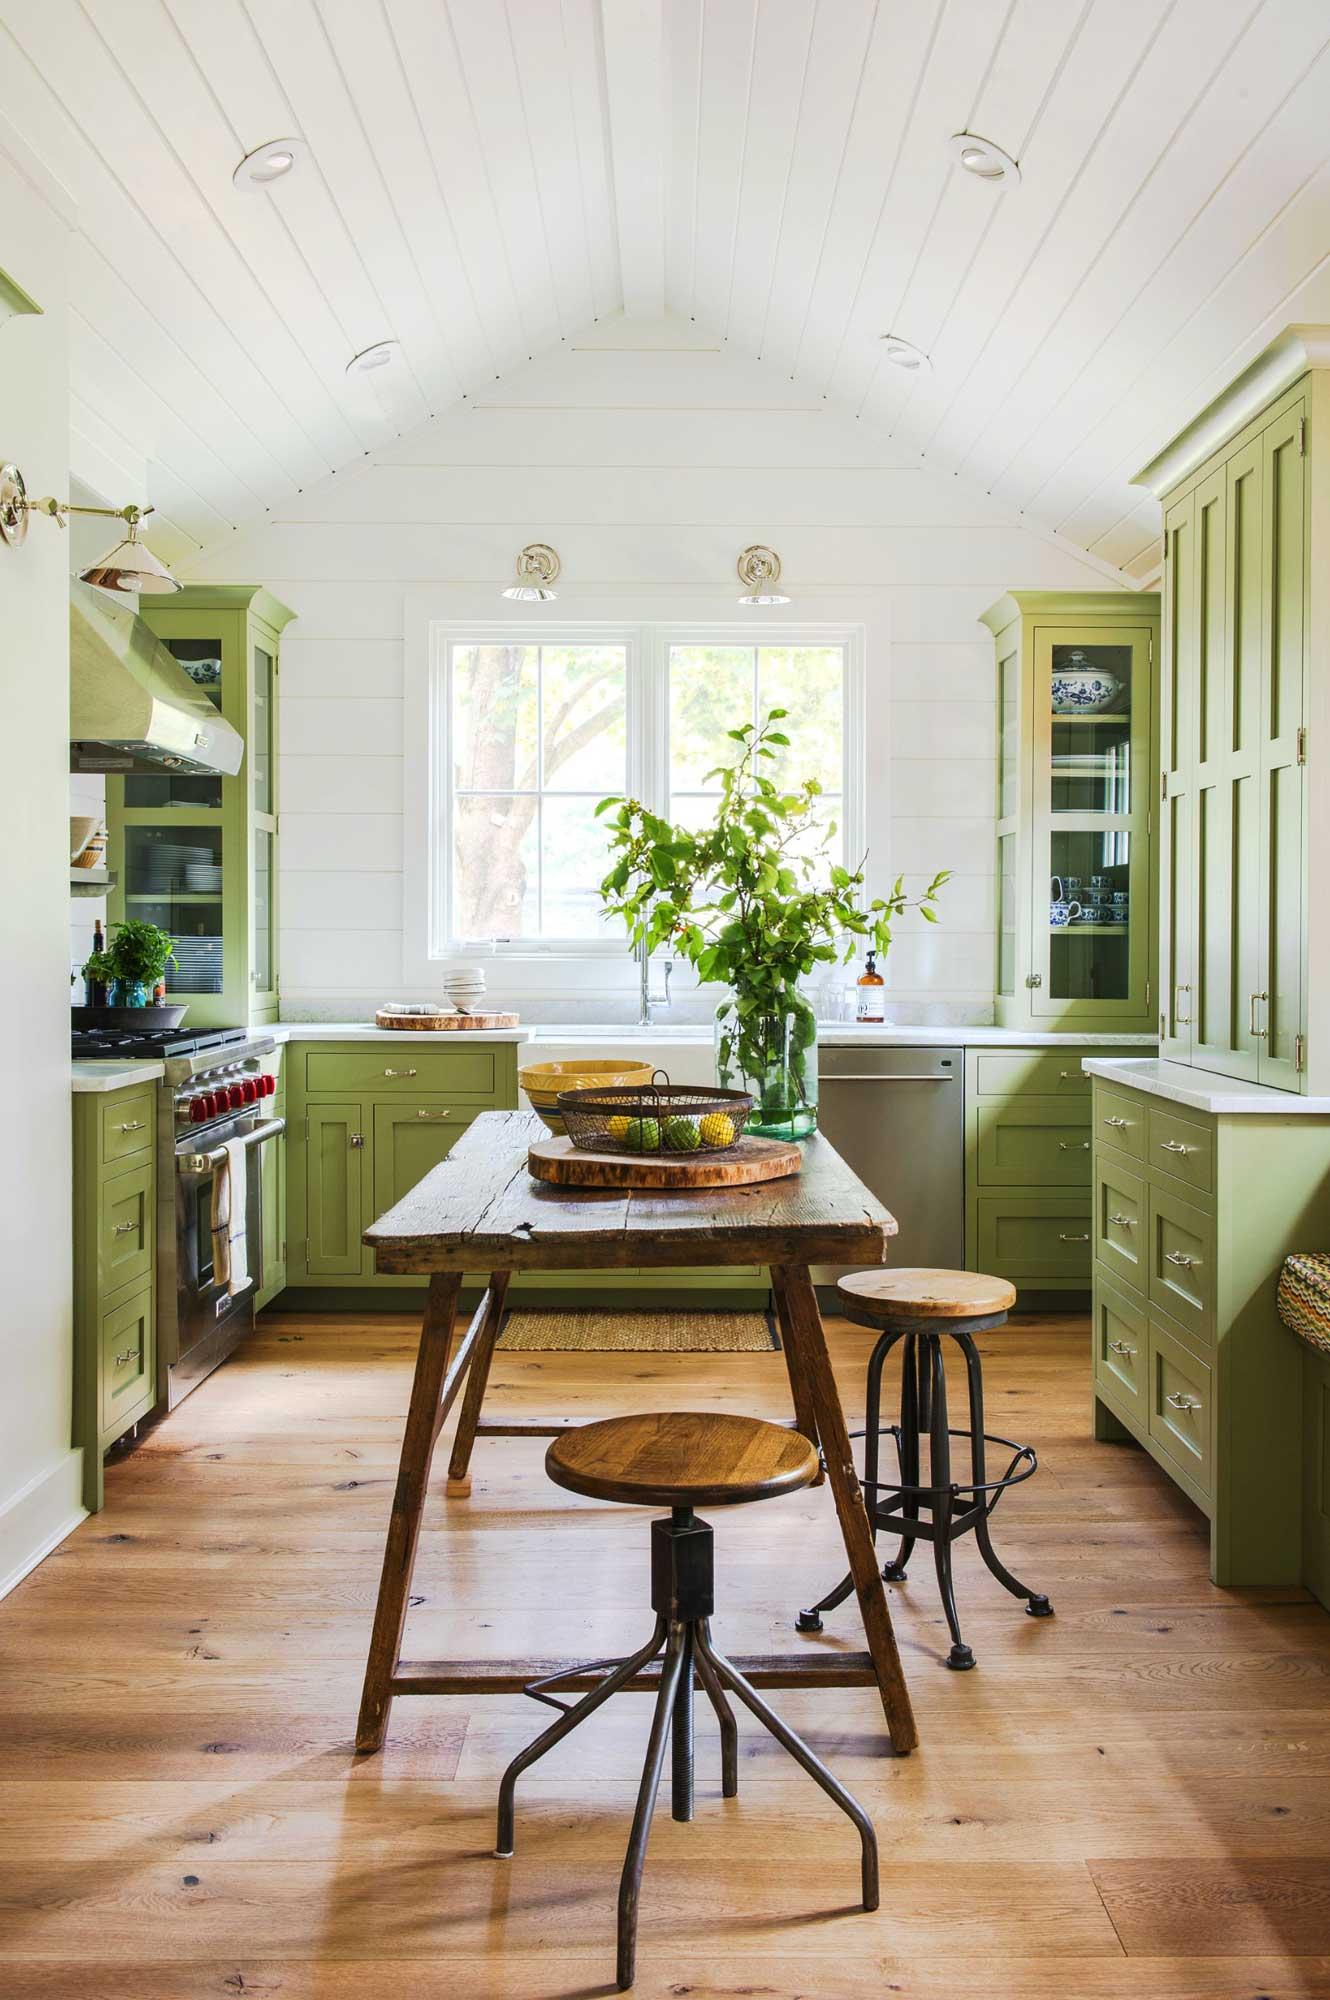 40+ Gorgeous Kitchen Design Ideas